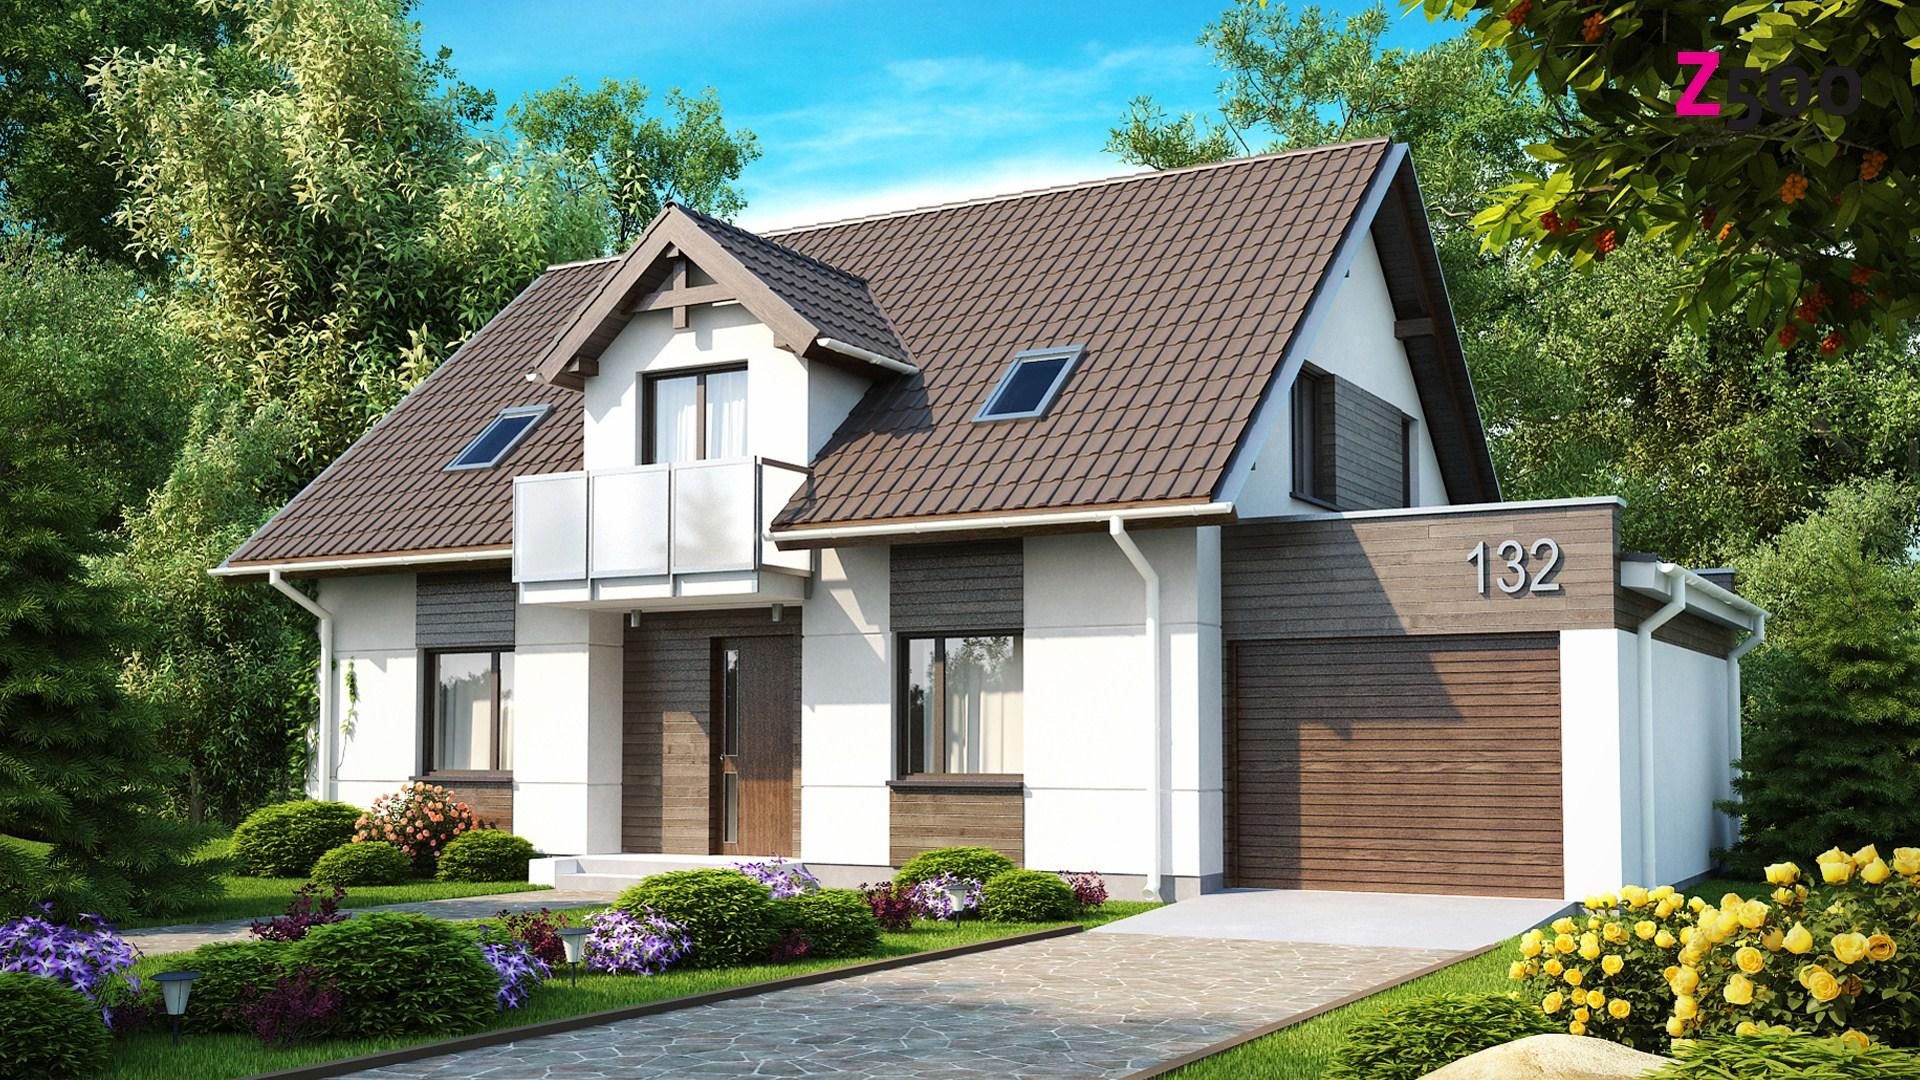 проект дома z132